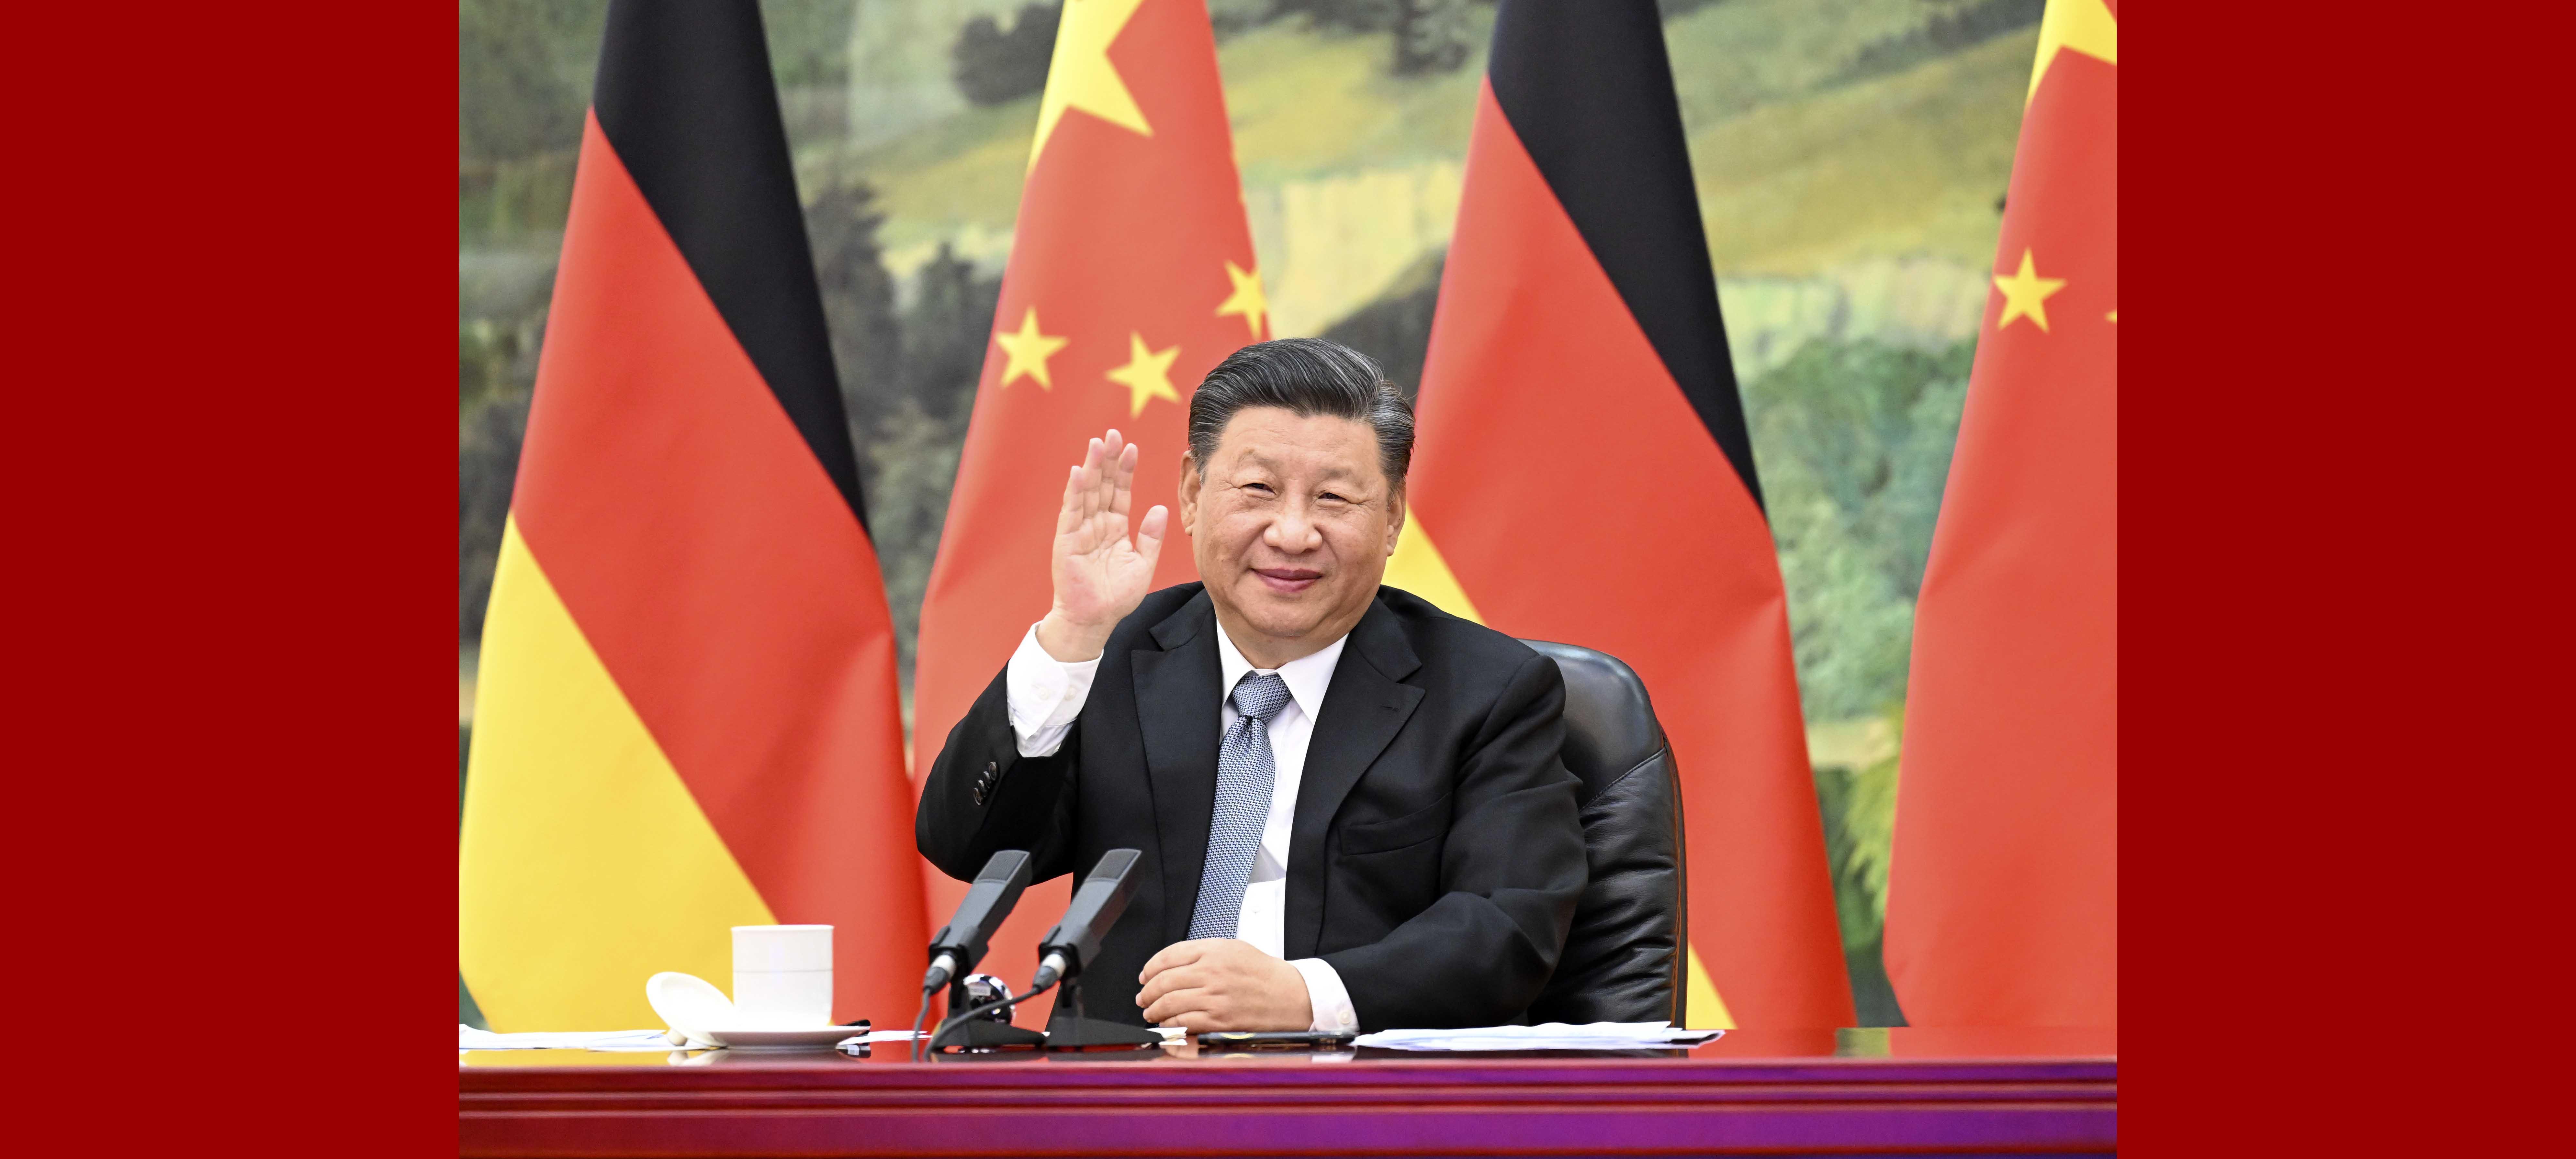 Em videoconferência com Merkel, Xi pede maiores laços com UE e Alemanha